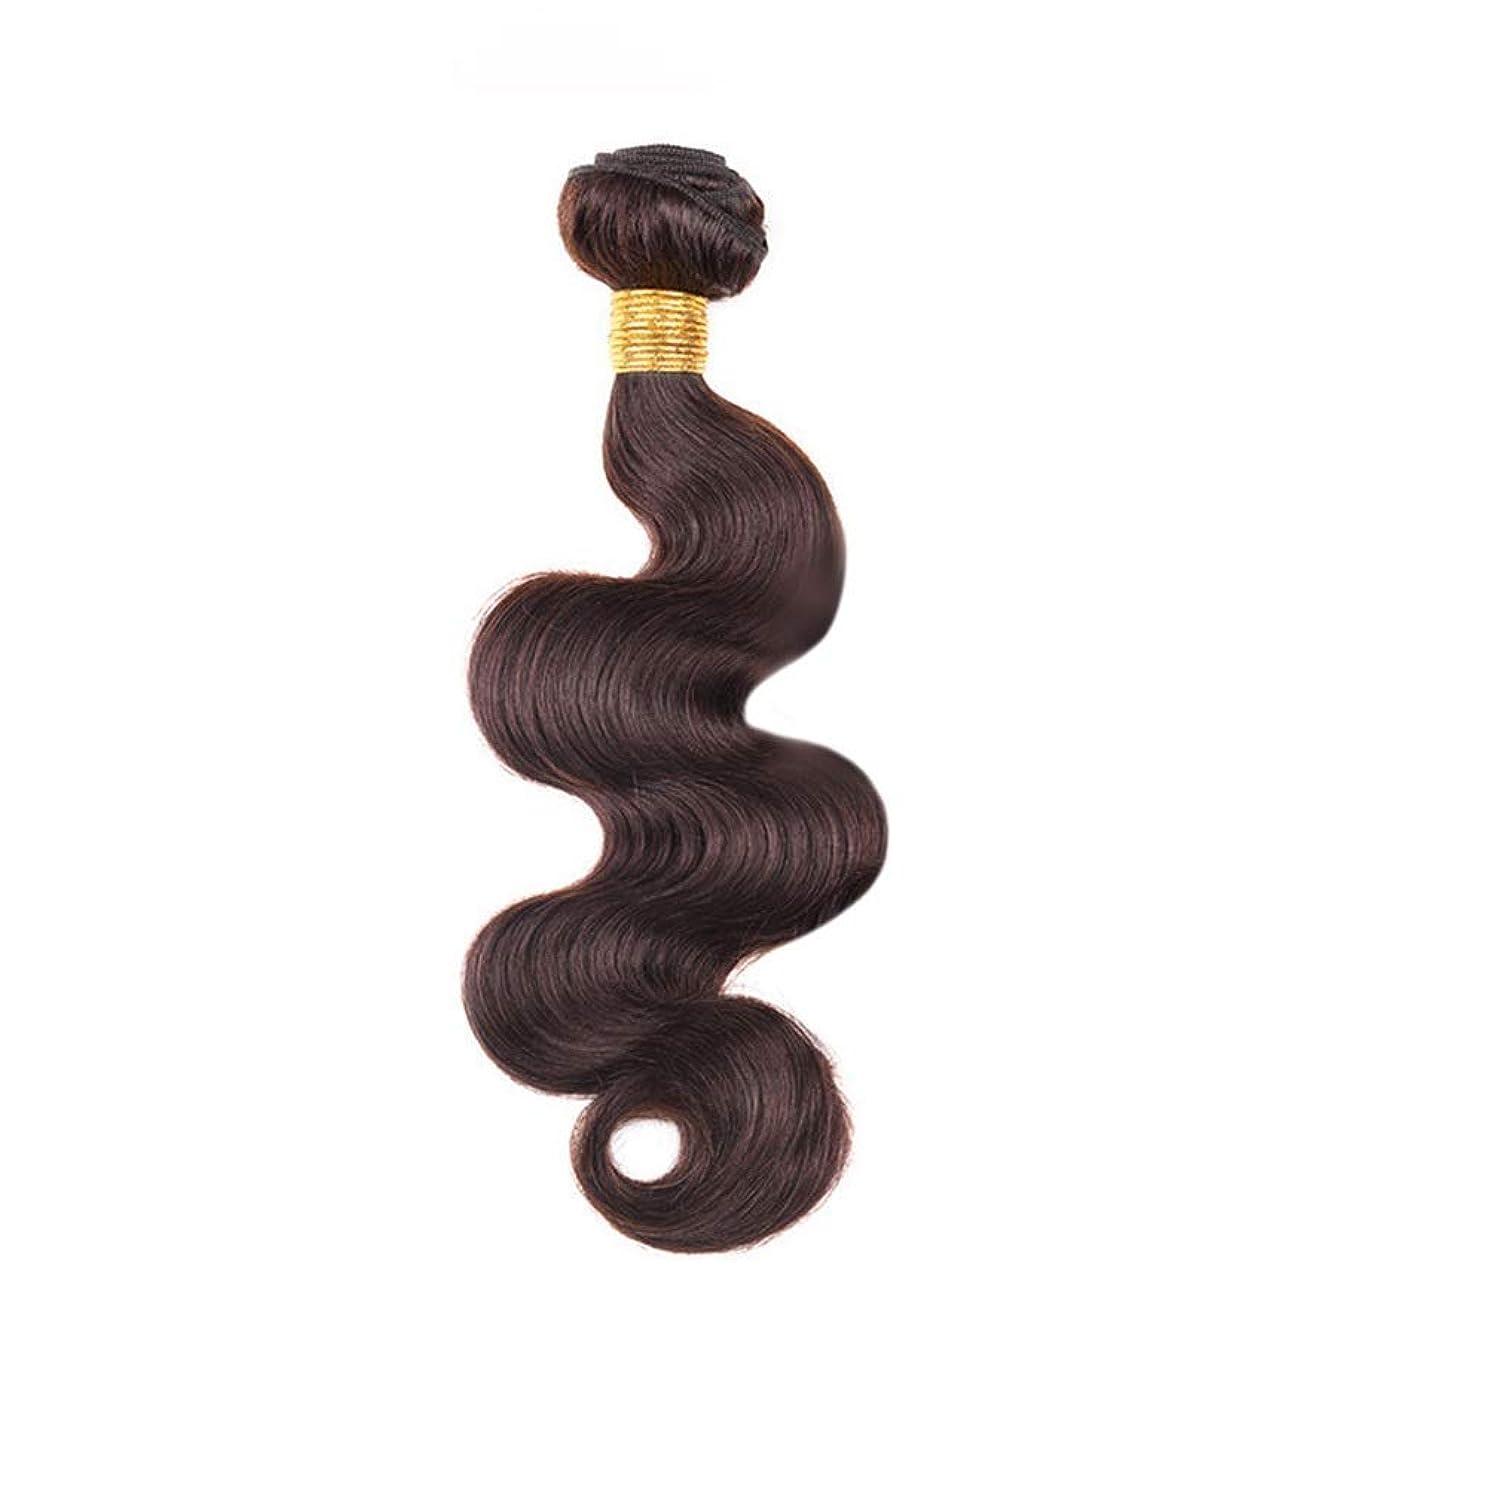 プレミア人軽減BOBIDYEE 100%人毛織りバンドルリアルレミーナチュラルヘアエクステンション横糸 - ボディウェーブ - 2#ダークブラウン(100g / 1バンドル、10インチ-24インチ)複合毛レースかつらロールプレイングウィッグロング&ショート女性ネイチャー (色 : Dark brown, サイズ : 16 inch)